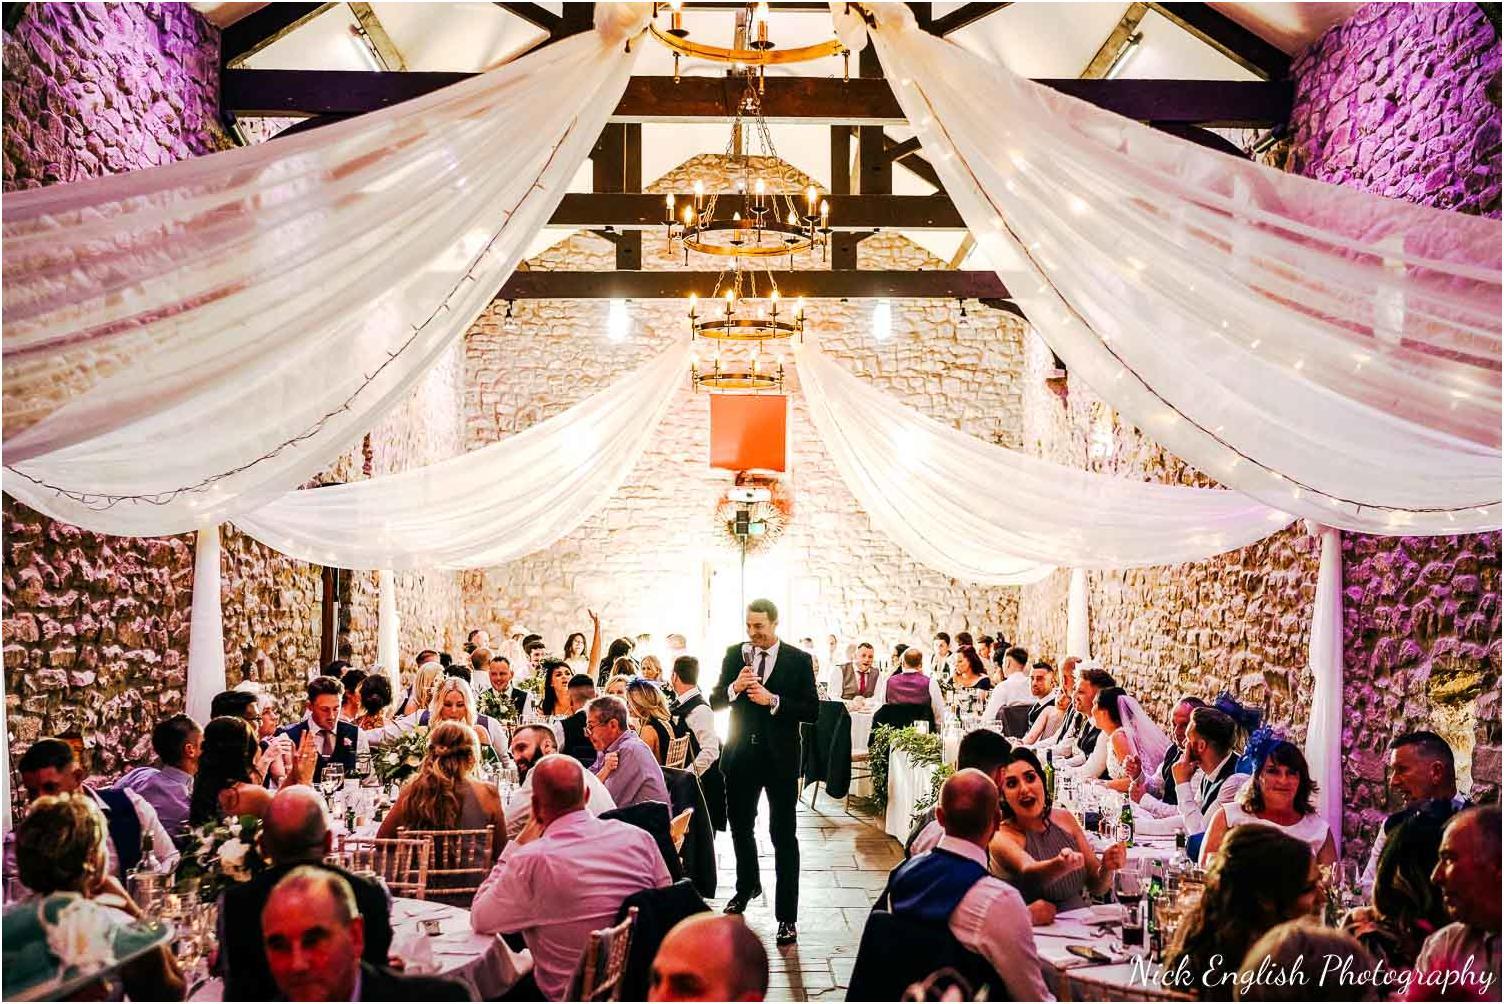 Browsholme_Hall_Barn_Wedding_Nick_English_Photography-110.jpg